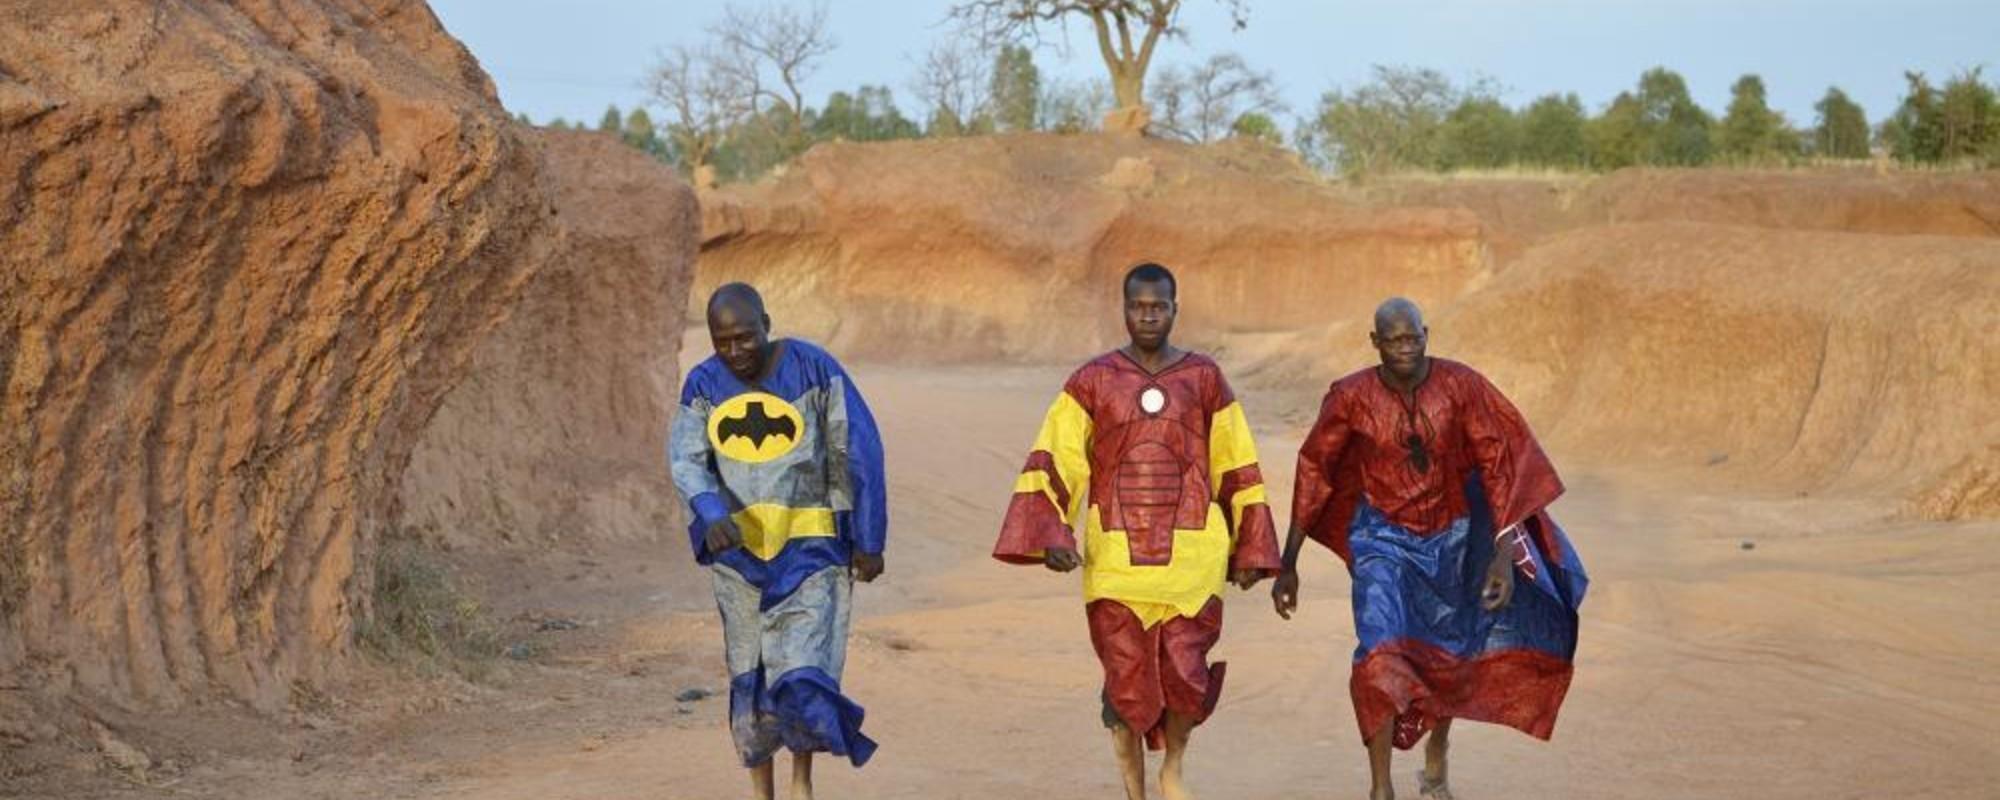 Os Super-heróis de Ouagadougou